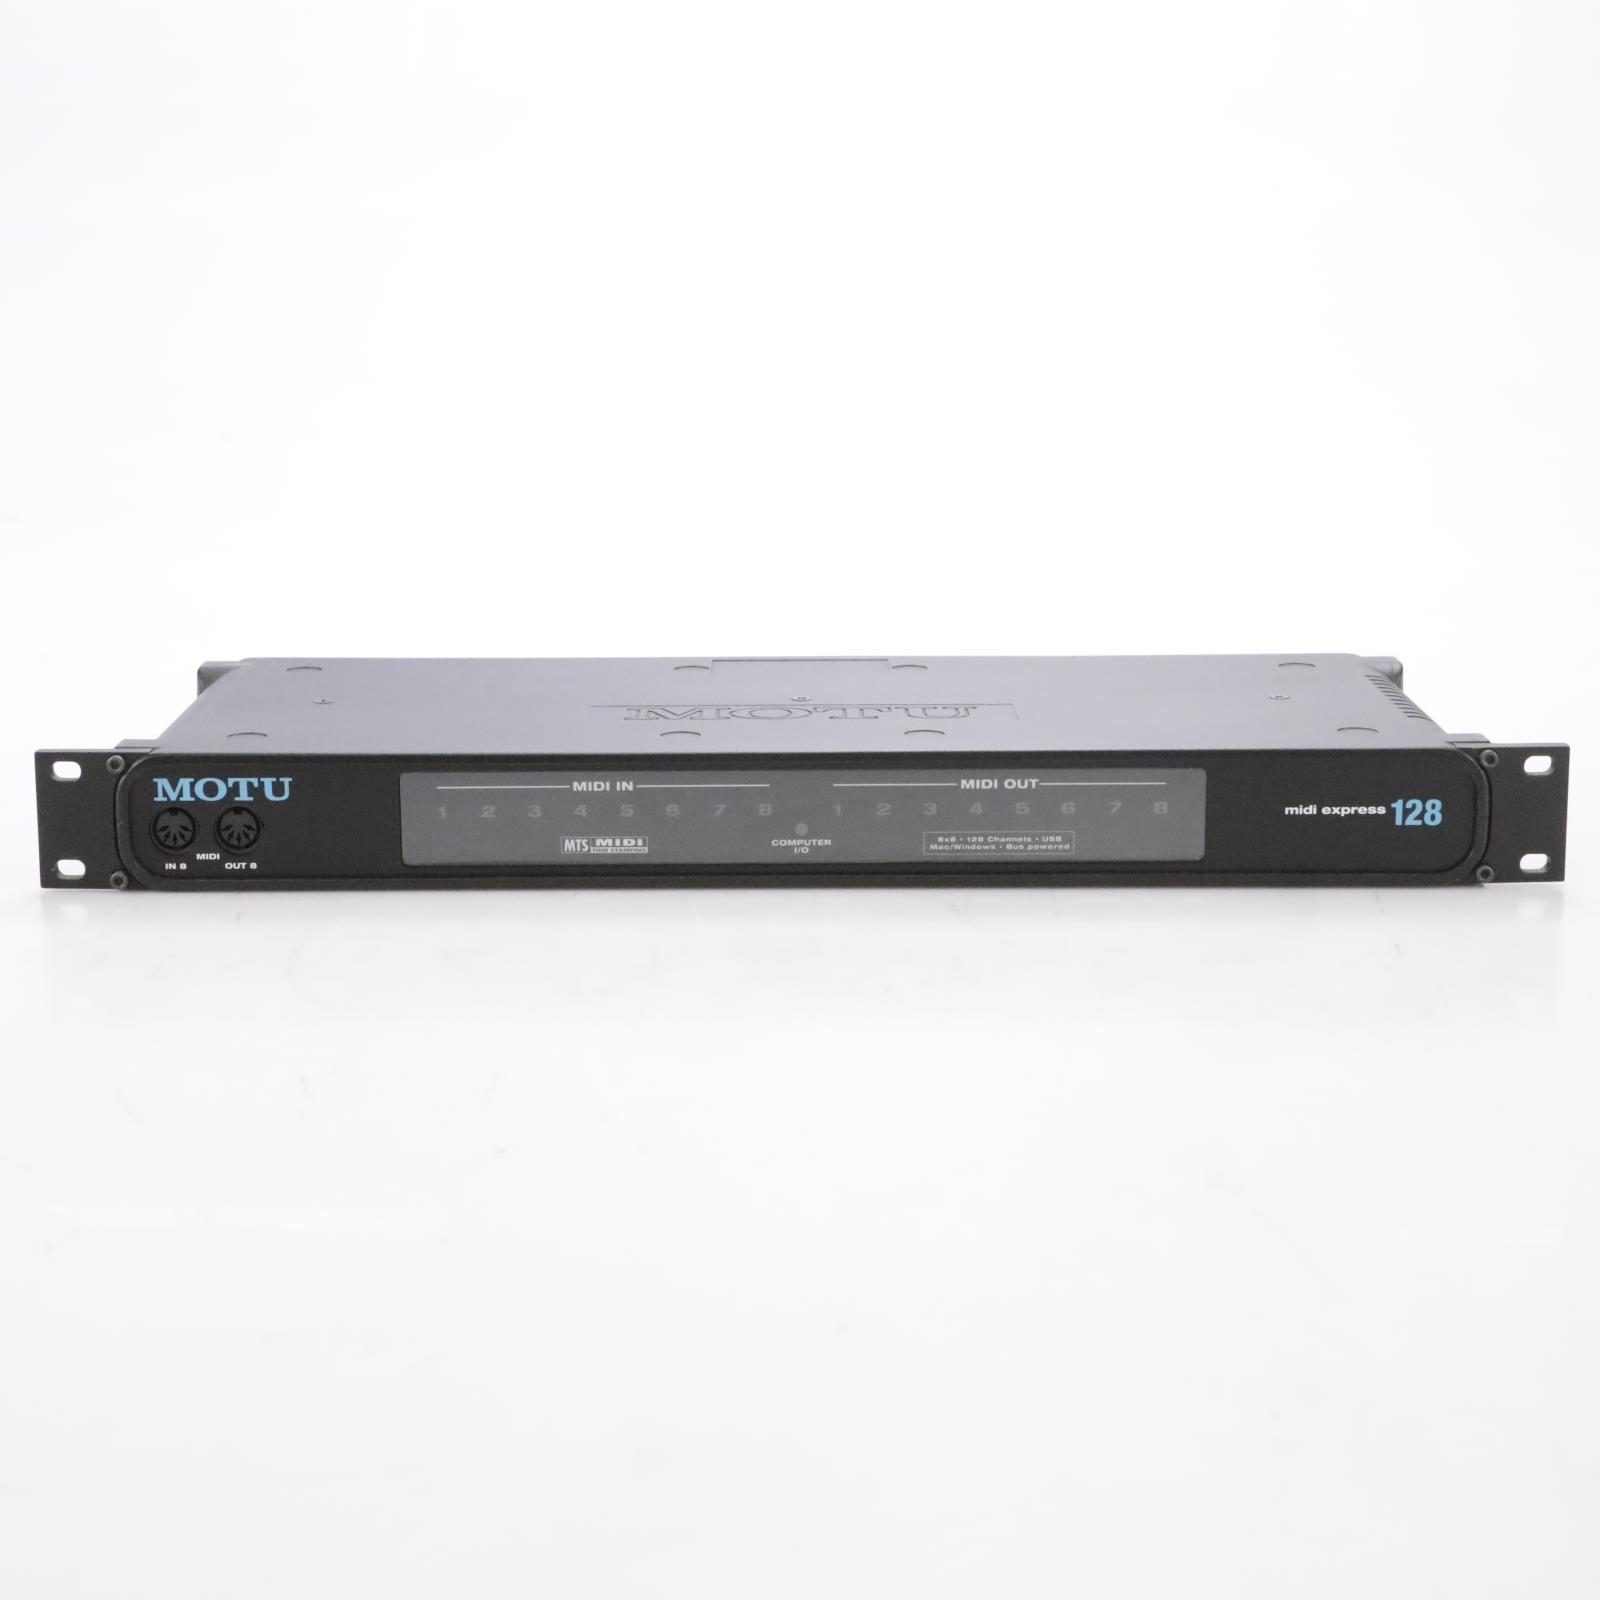 MOTU MIDI Express 128 8x8 USB MIDI Interface w/ MIDI Cables #44898